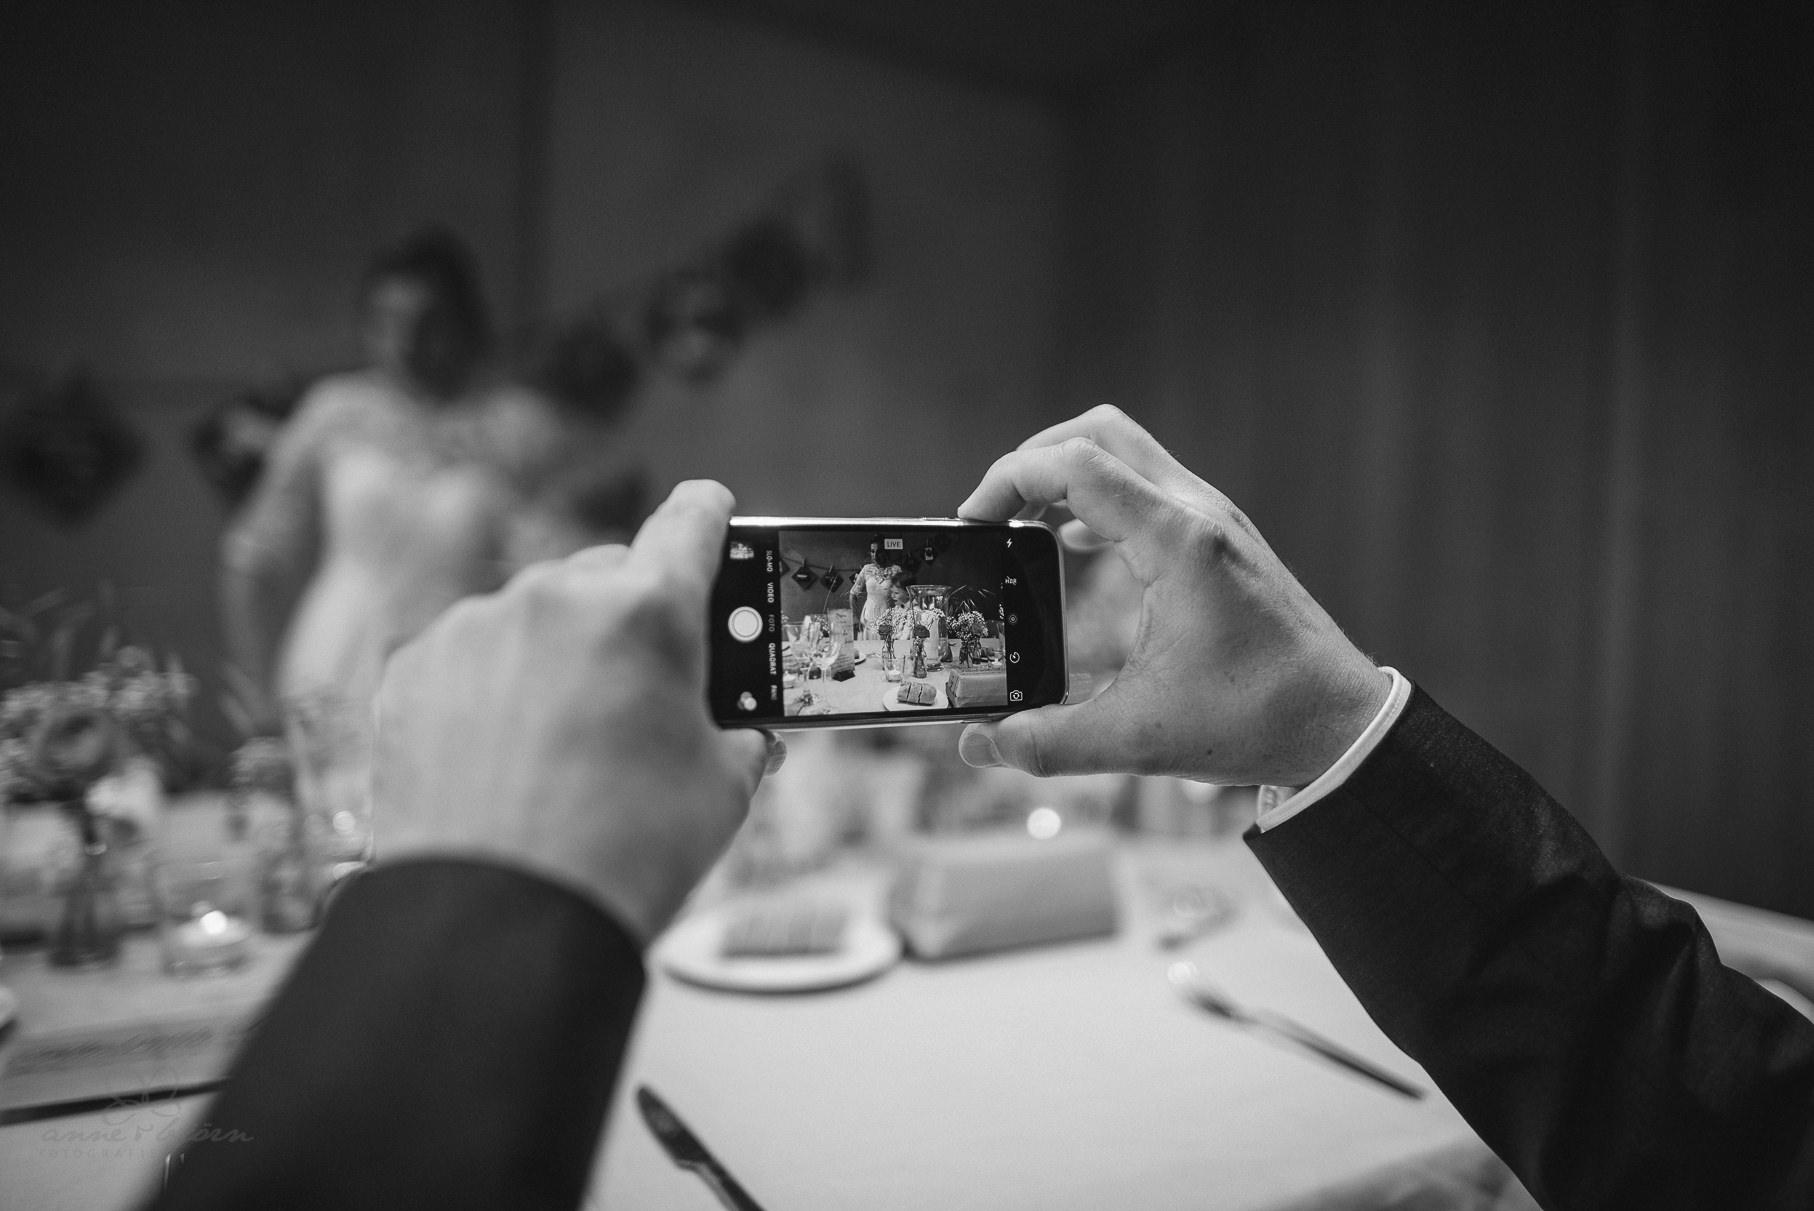 0116 anne und bjoern Manu und Sven D75 0828 1 - DIY Hochzeit im Erdhaus auf dem alten Land - Manuela & Sven